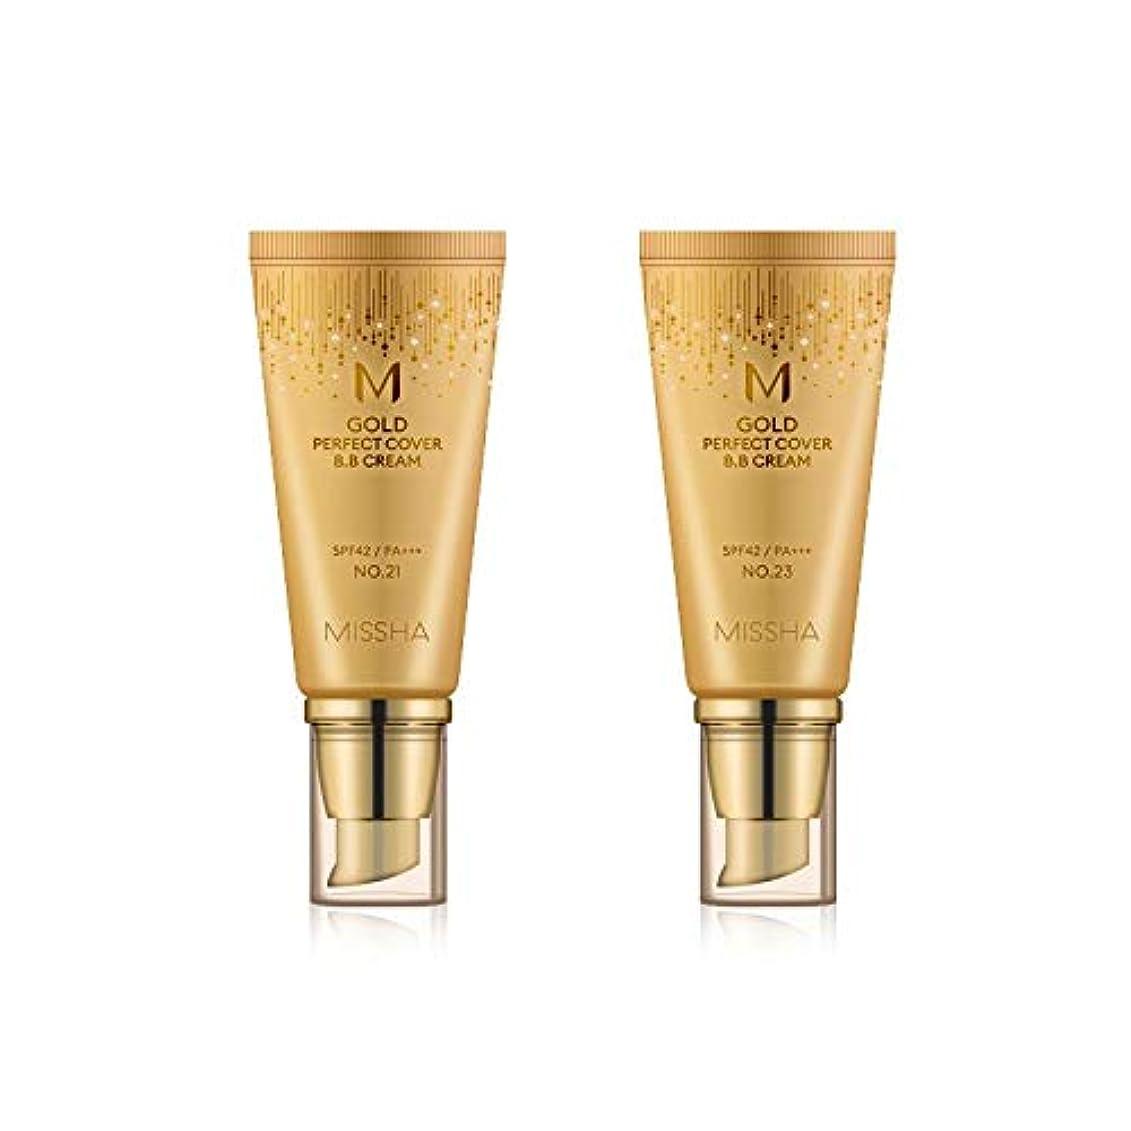 満足最悪海賊MISSHA Gold Perfecte Cover BB Cream SPF42 PA+++ / ミシャ ゴールド パーフェクト カバー BBクリーム 50ml *NO.23 [並行輸入品]